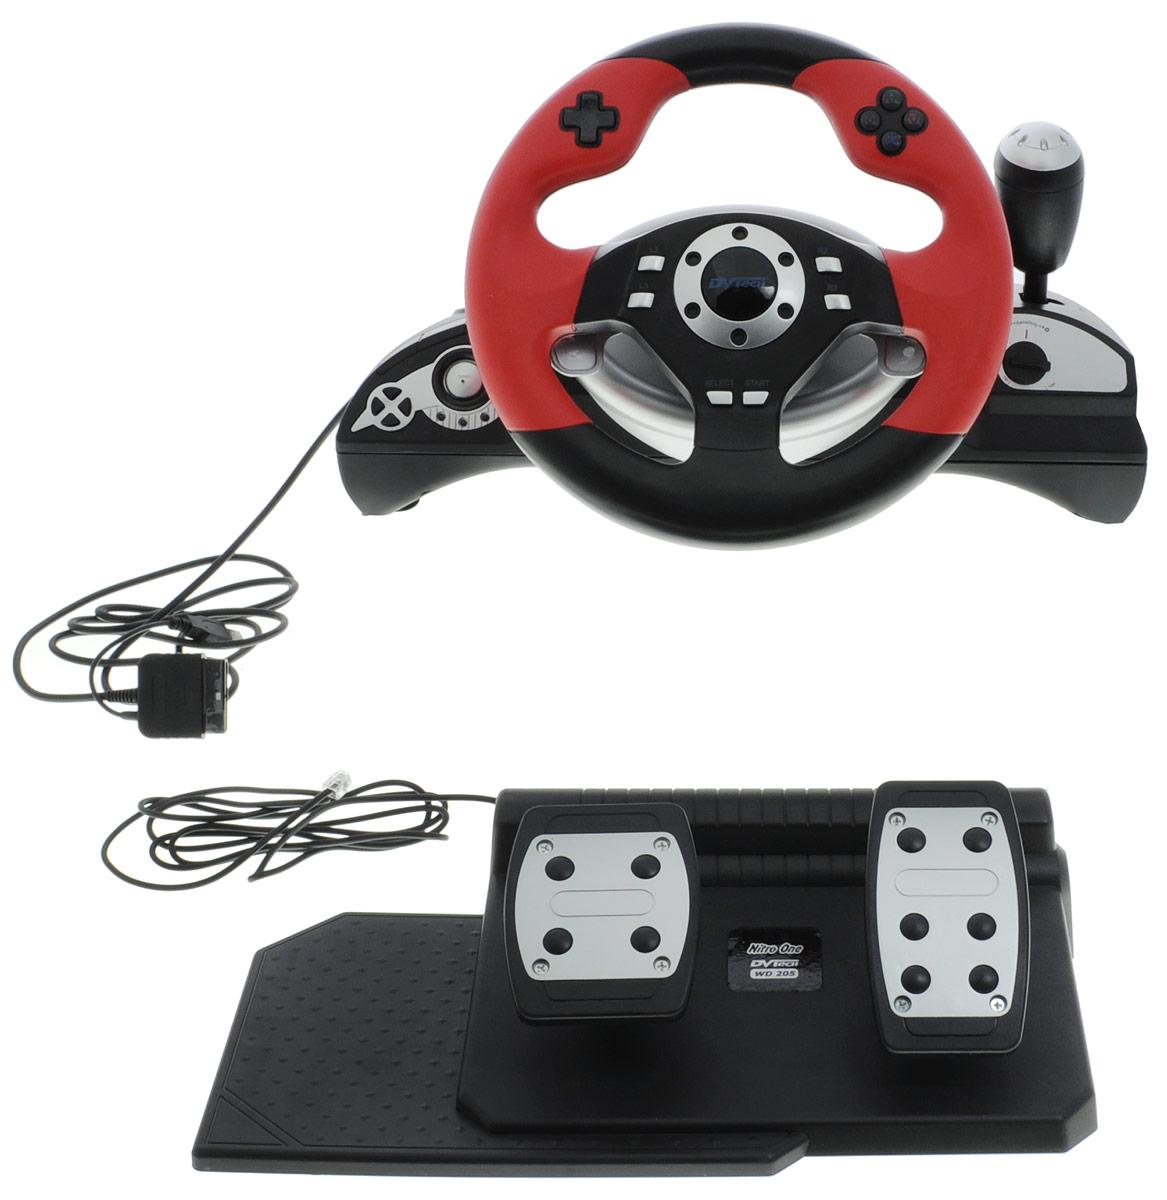 DVTech WD205 Nitro One руль для PC/PS2/PS36930149912053Начни погружение в мир автомобильных баталий с новым рулем Nitro One. DVTech сделали все, чтобы вам былокомфортно и легко постичь все тонкости управления автомобилем. Приложив свой водительский талант инемного удачи, с этим рулем вы можете стать победителем. Только положительные эмоции, просто подключайтеруль и начните погружение в мир высоких скоростей и автомобильных сражений!Возможность поворота рулевого колеса на 240 градусовФункция двойной вибрацииВозможность перепрограммирования педалей для PS3Диаметр рулевого колеса 25 смНастройка чувствительности рулевого колесаЭргономичная форма корпуса для надежного крепление к столу на присосках или размещения на коленяхЦифровой и аналоговой режим для PS2Кнопка PS для подключения и доступа к меню PS3Удобное расположение кнопок для комфортной игрыФункция автоматического центрирования рулевого колеса при подключении к игровым приставкам или ПК